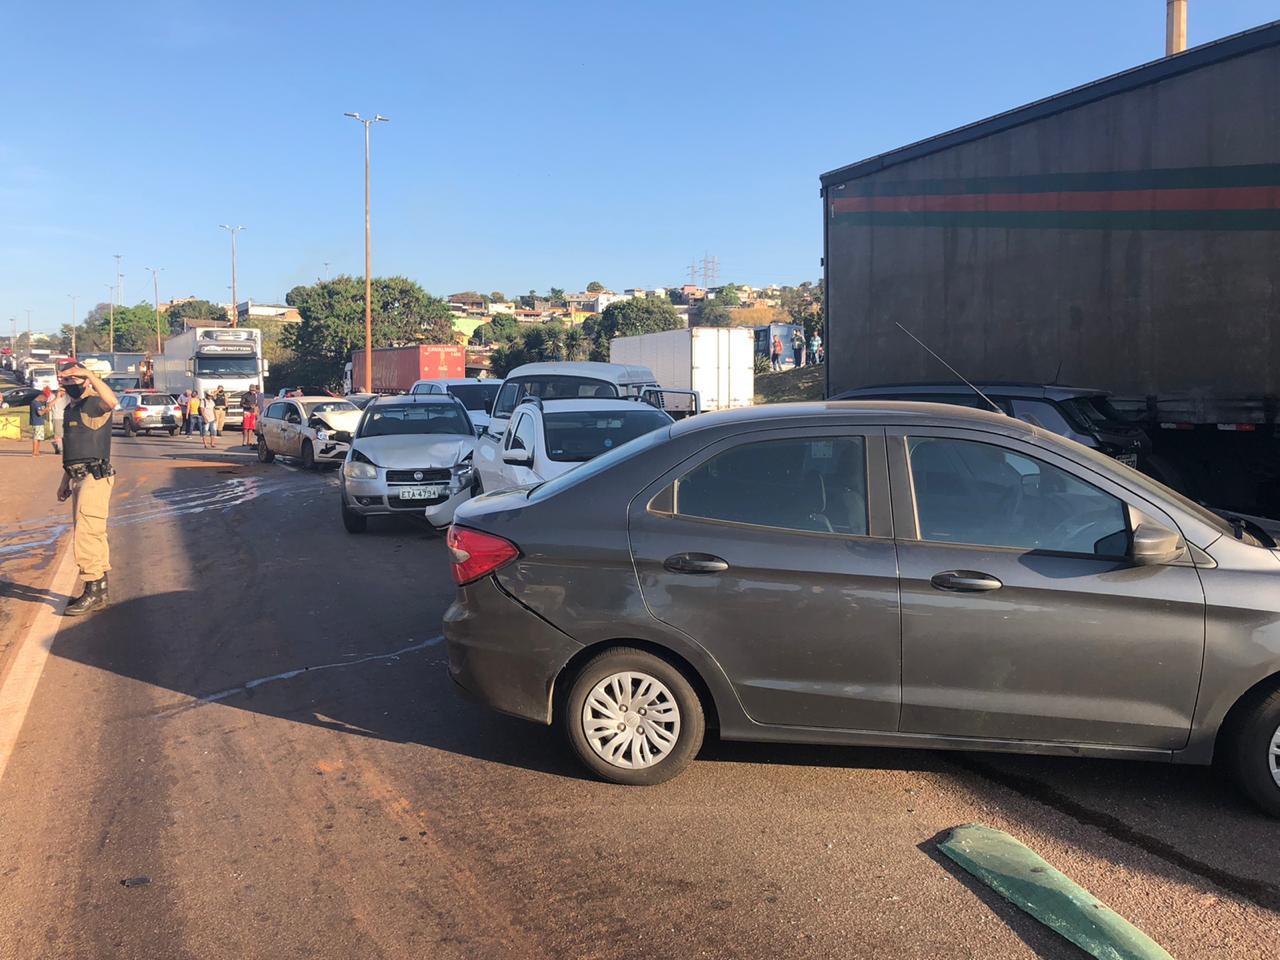 Vídeo mostra grave acidente com carreta desgovernada atingido 17 carros no Anel Rodoviário, em BH - Foto: Divulgação/Corpo de Bombeiros